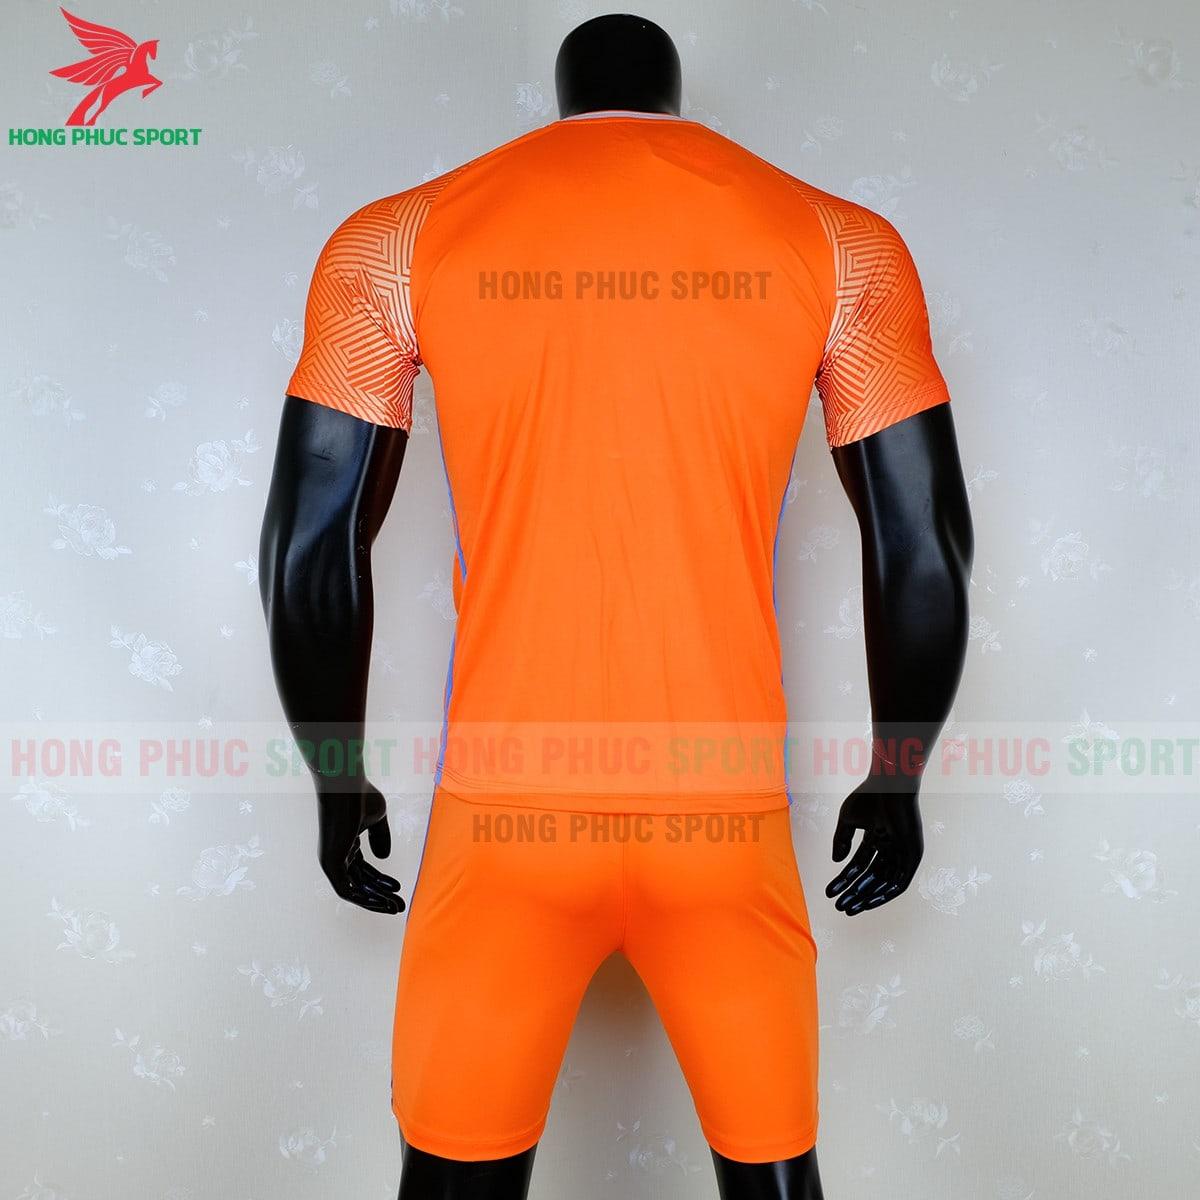 Áo đá banh không logo 2020 Riki Quator màu cam (mặt sau)